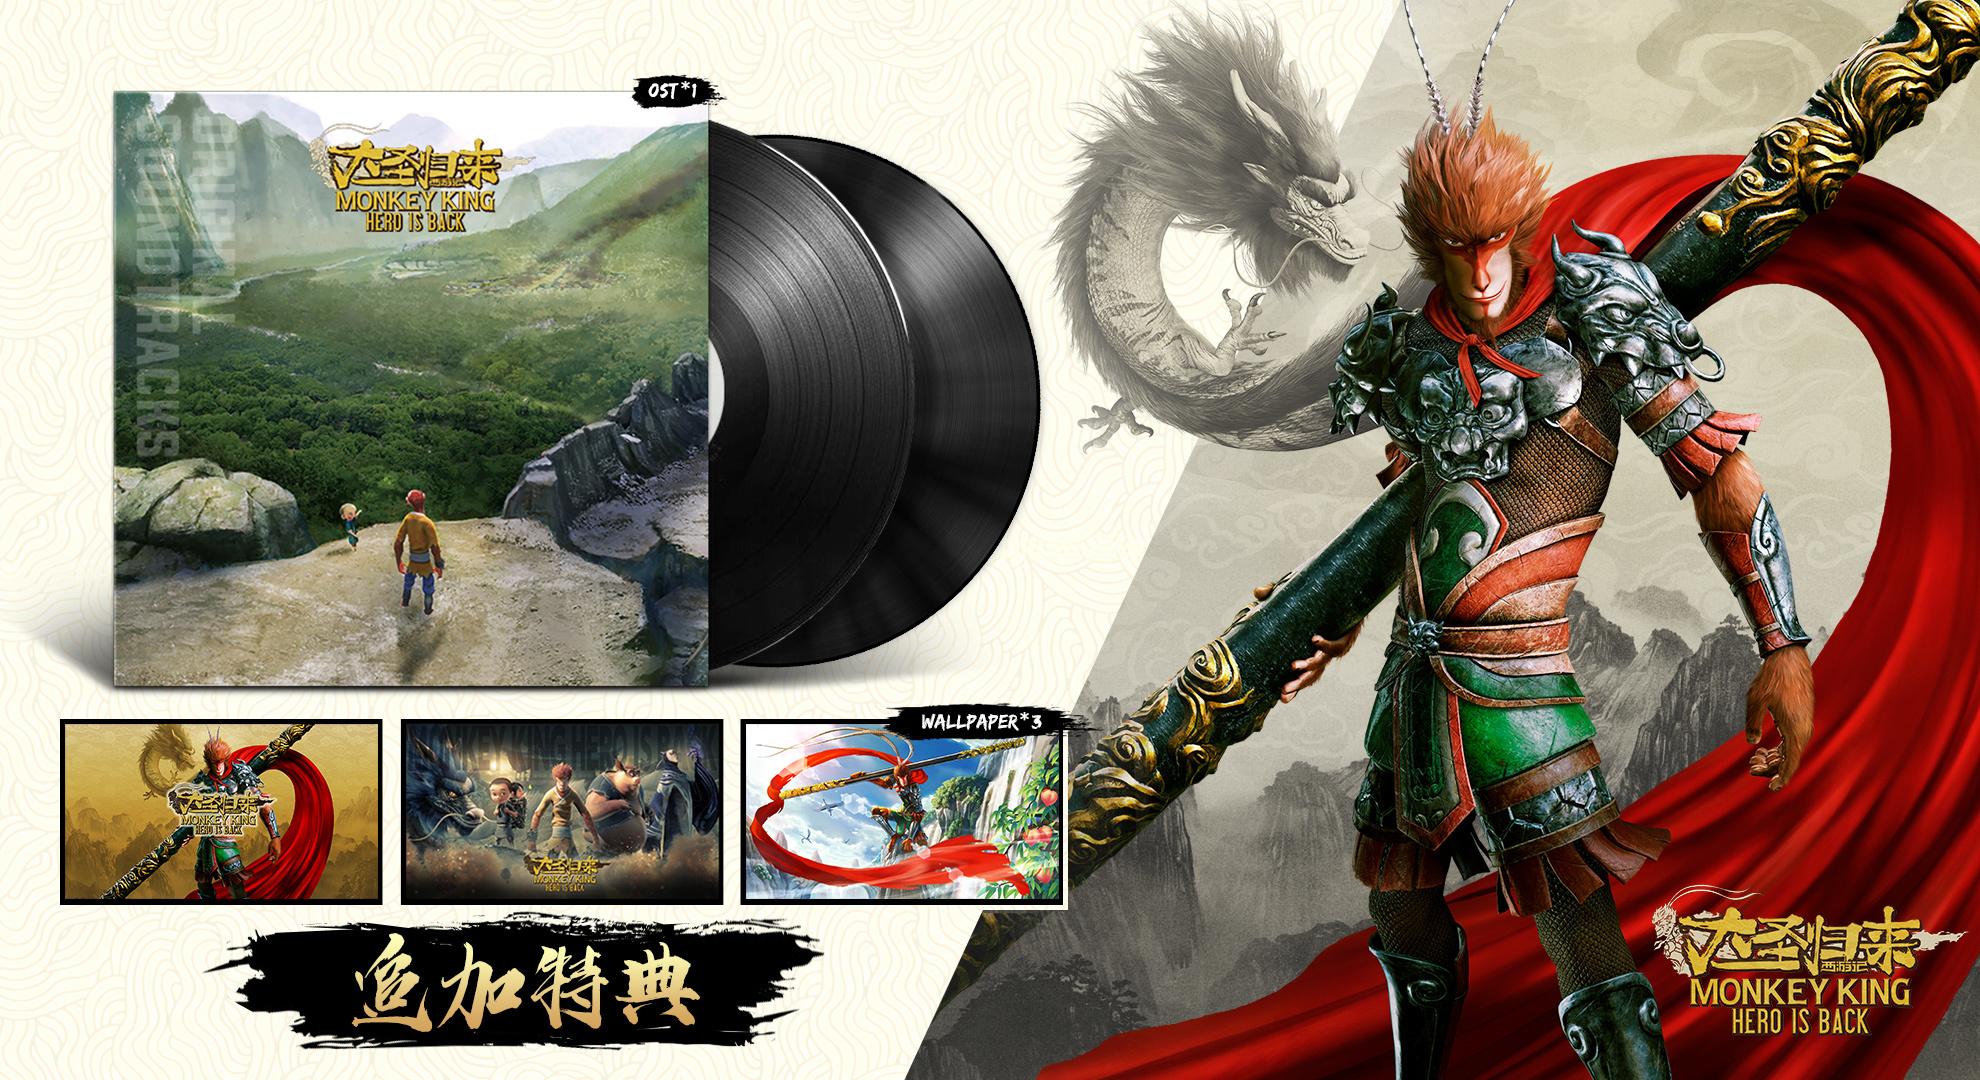 """《西游记之大圣归来》将为中国玩家追加数字版OST等特典 """"早鸟价""""10月8日结束"""